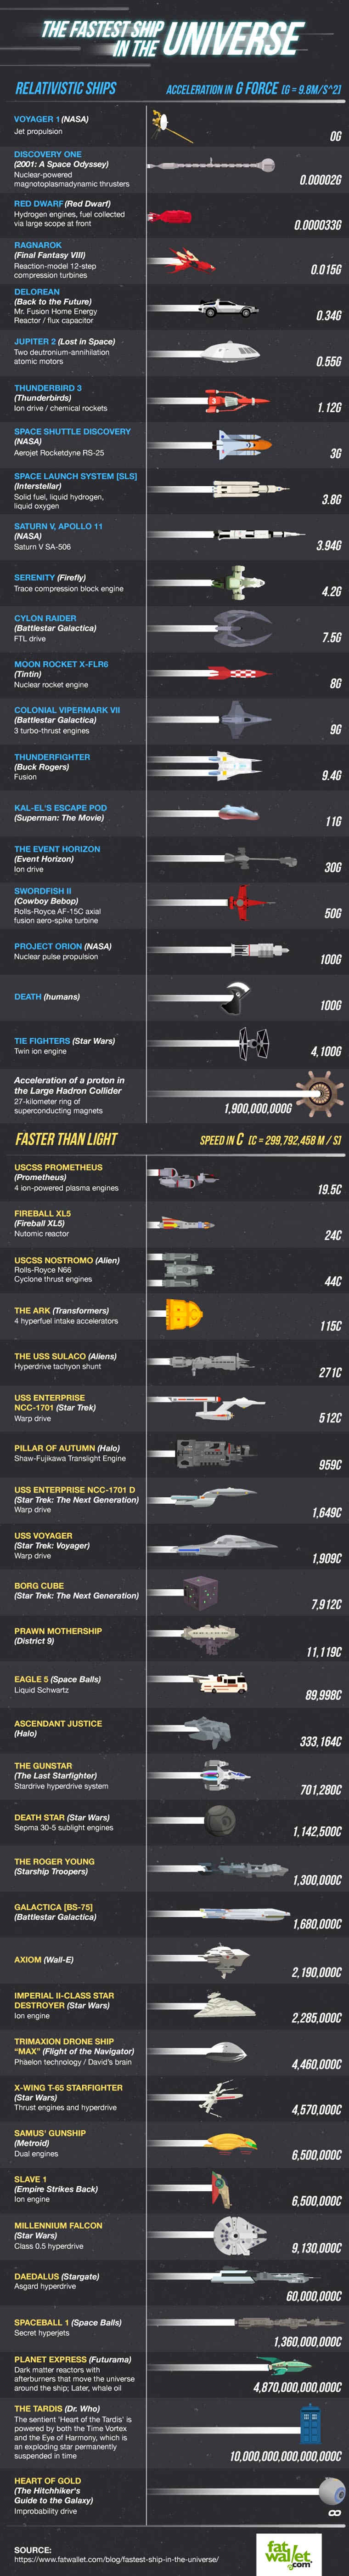 vitesse-vaisseaux-spatiaux